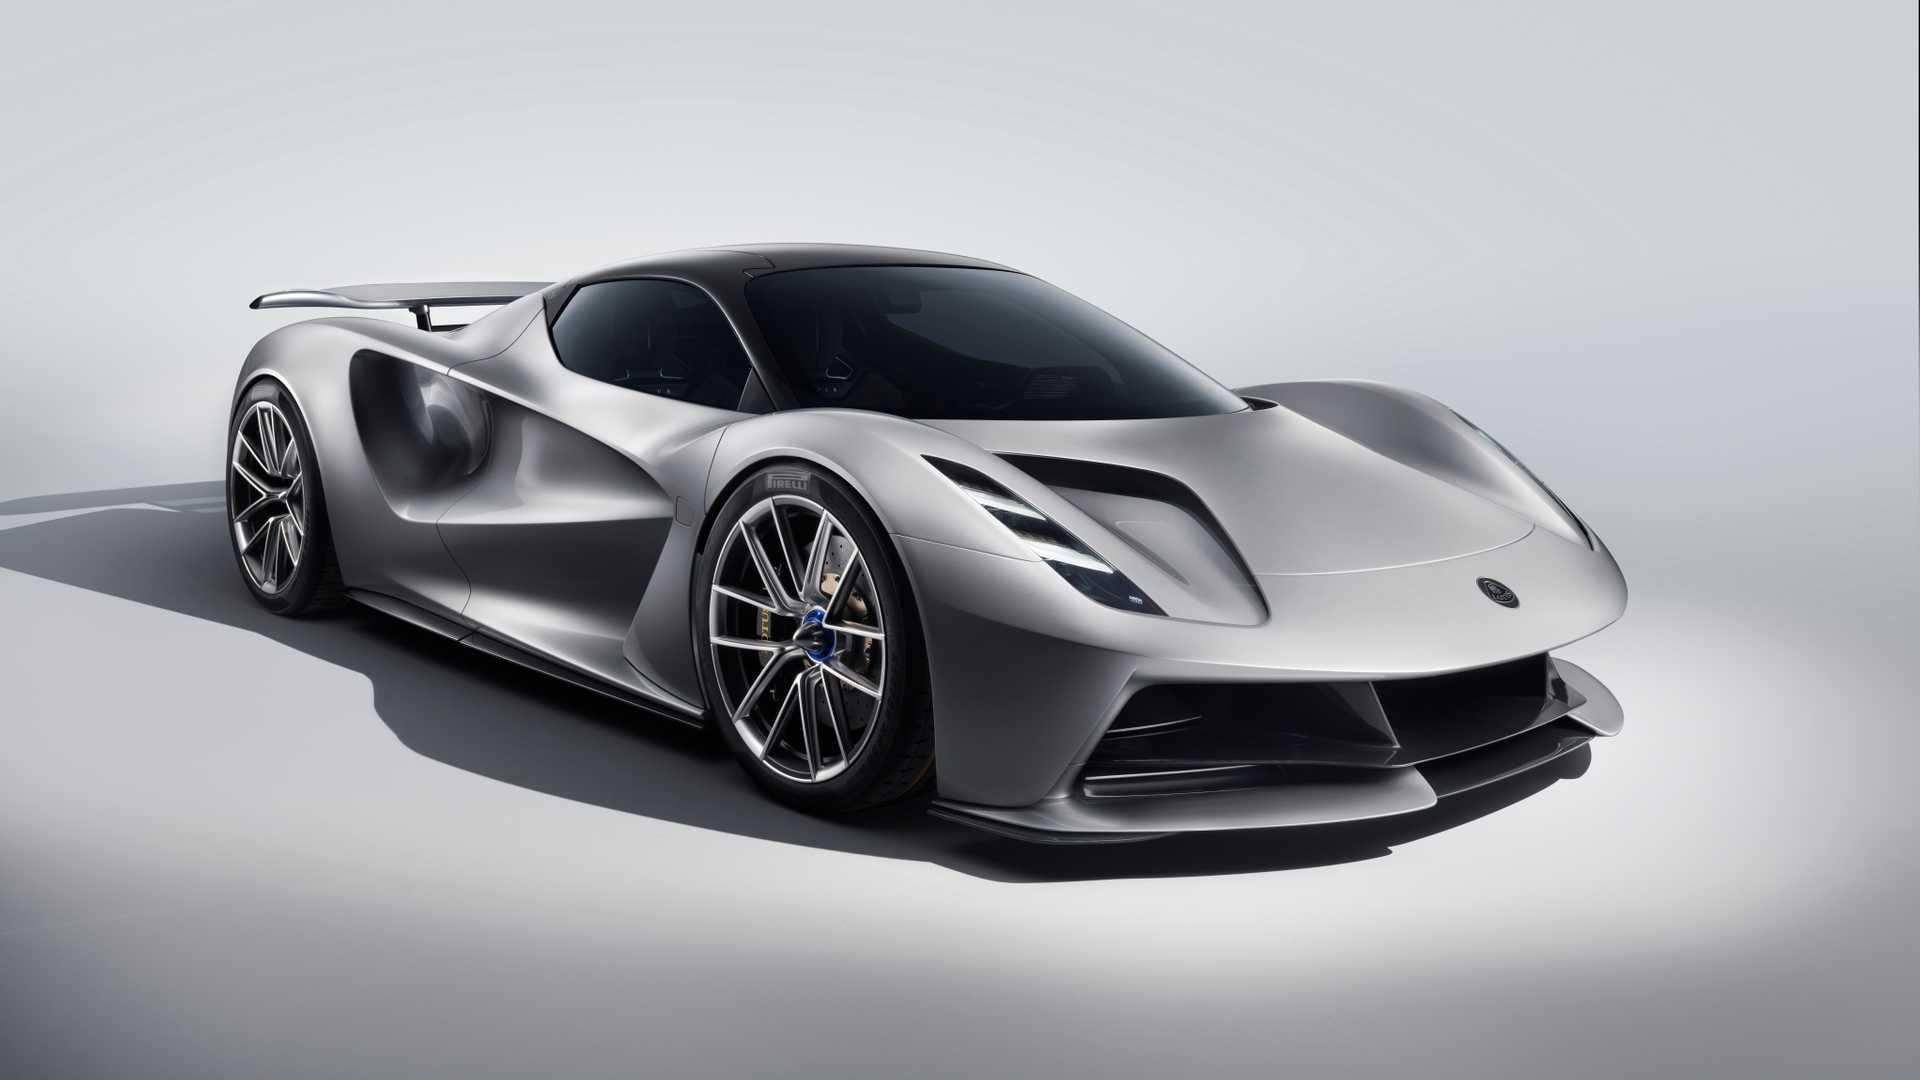 Первый электрокар Lotus стал самым мощным авто в мире